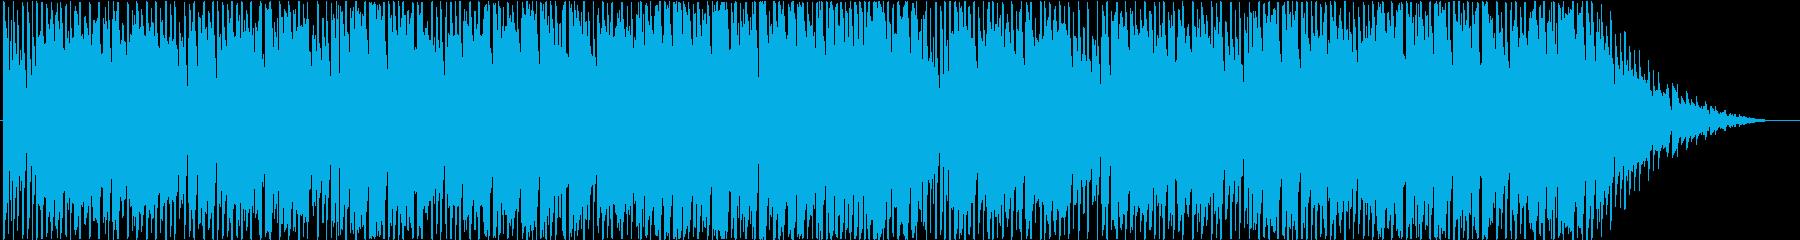 シンセサイザーを使ったコミカルなBGMの再生済みの波形